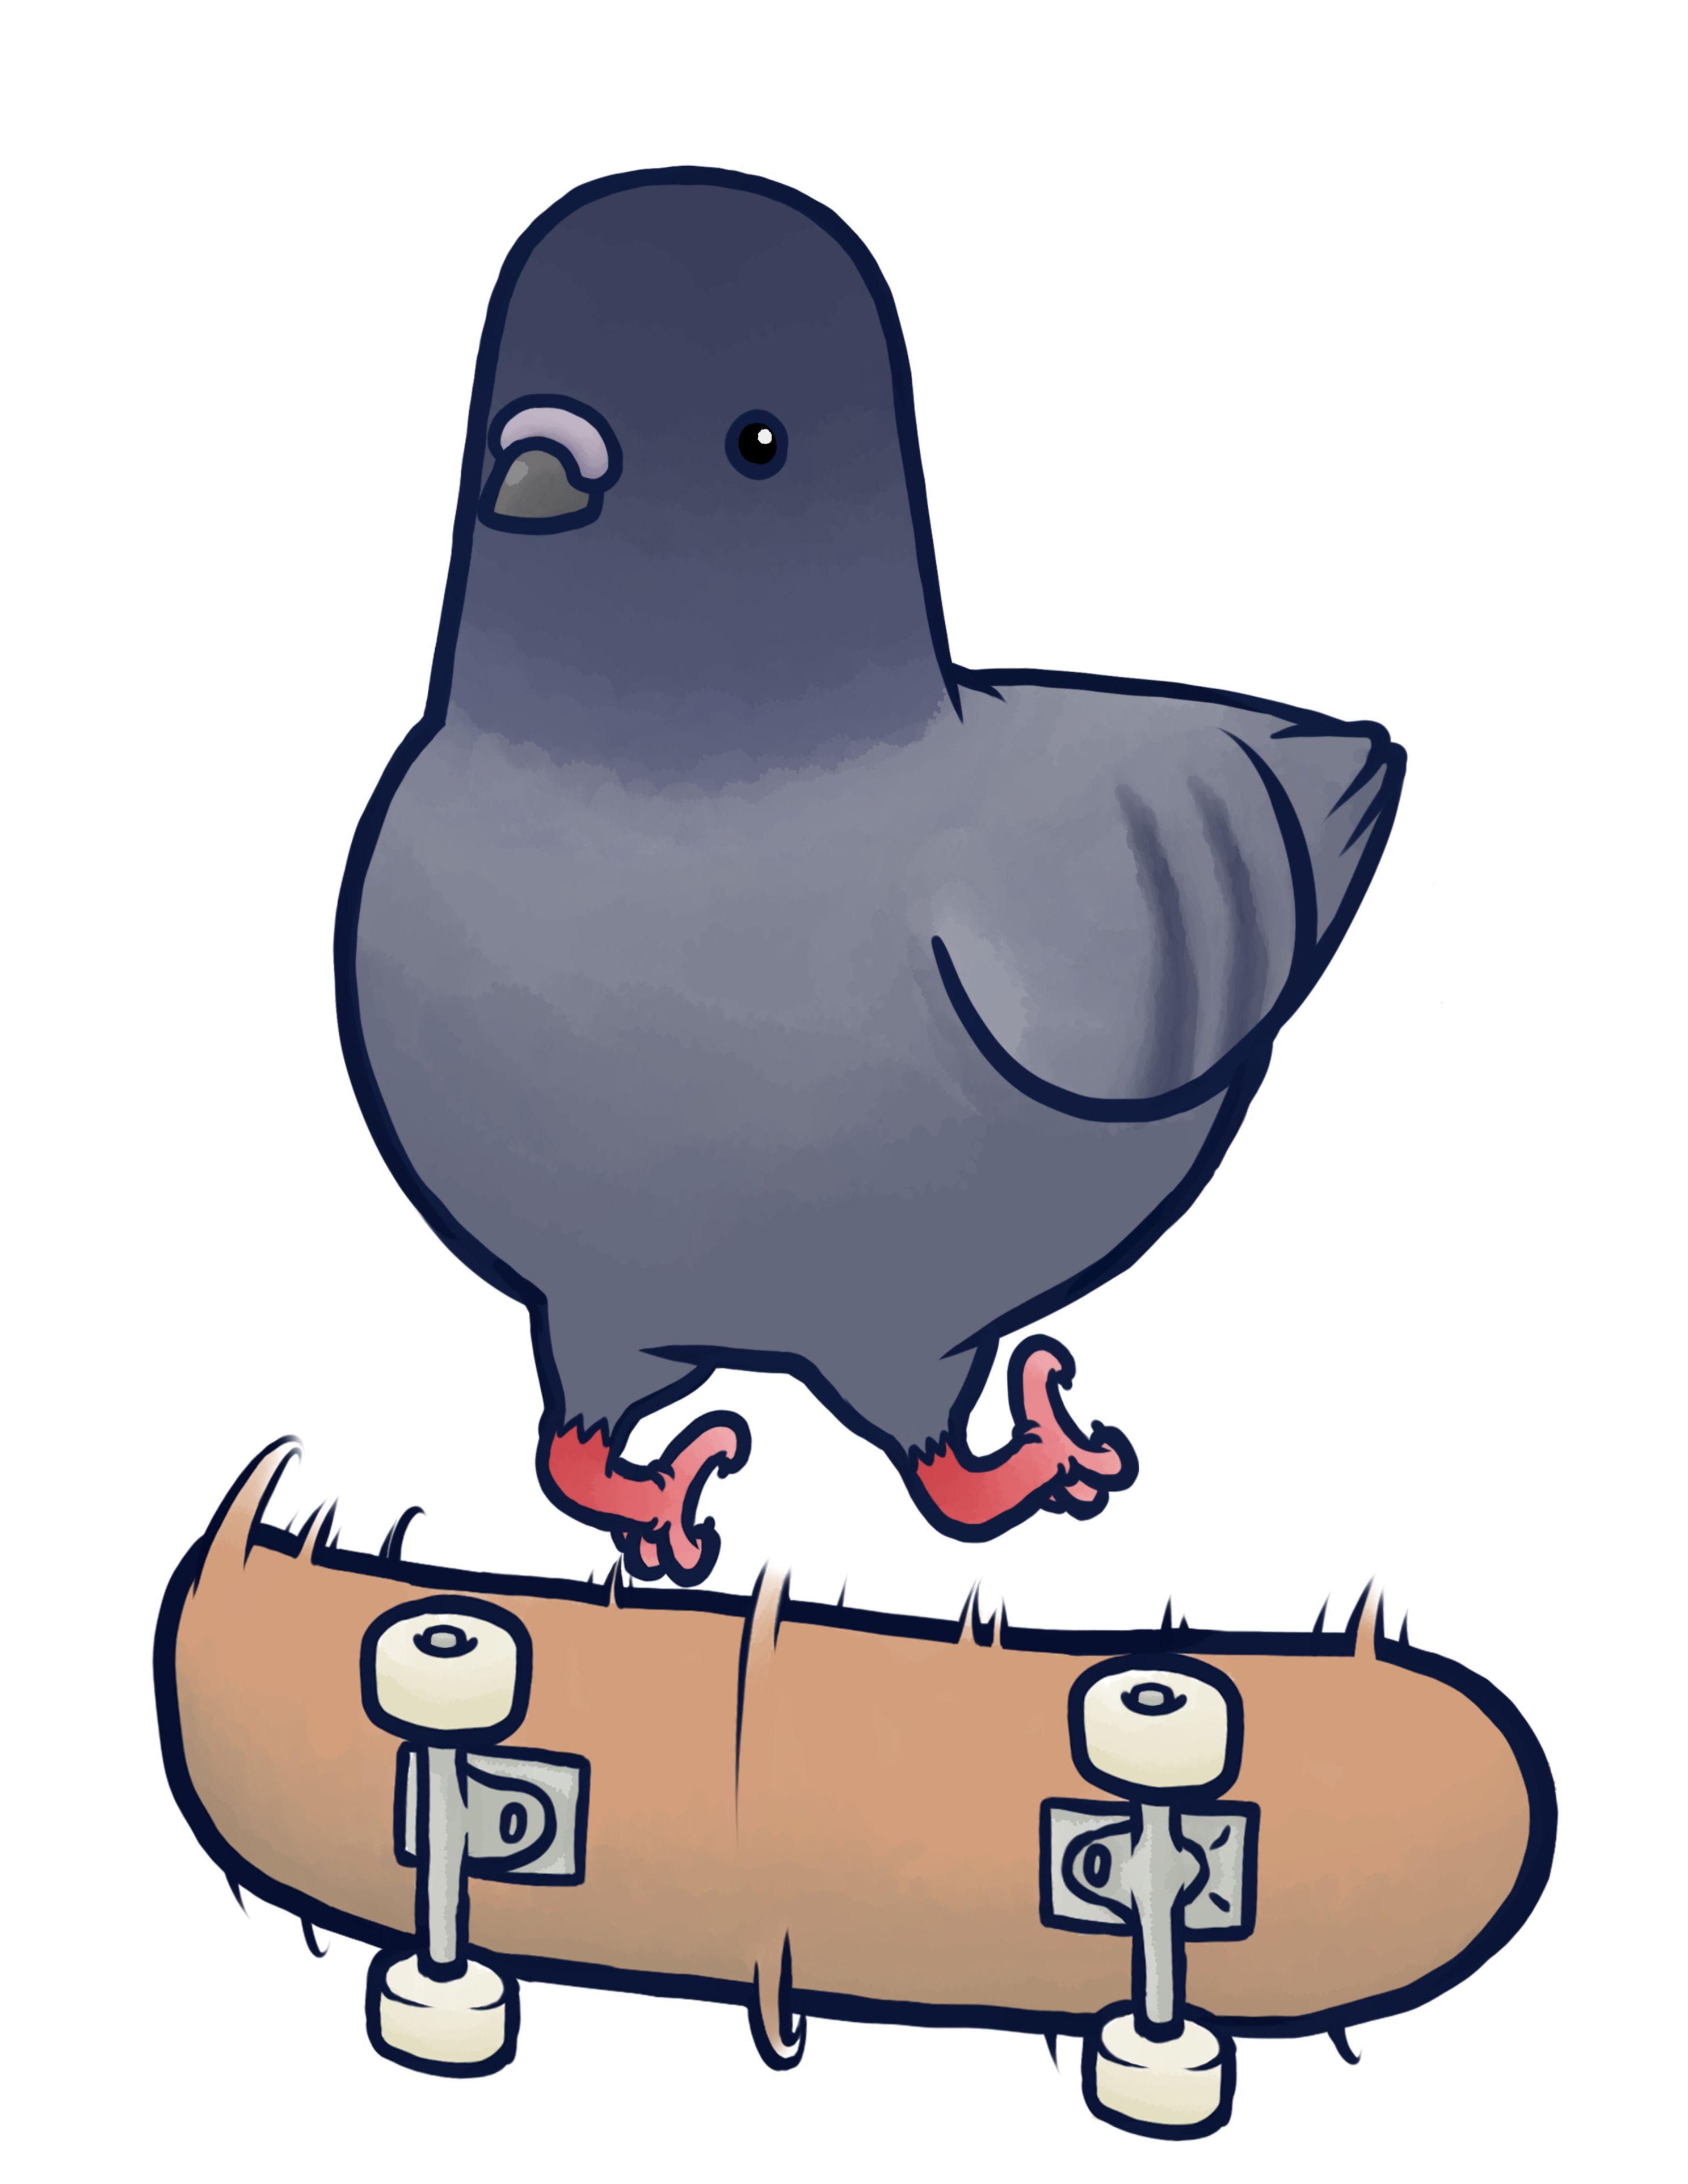 Http I Imgur Com Vkkrbrq Jpg Skate Art Skateboard Art Drawings